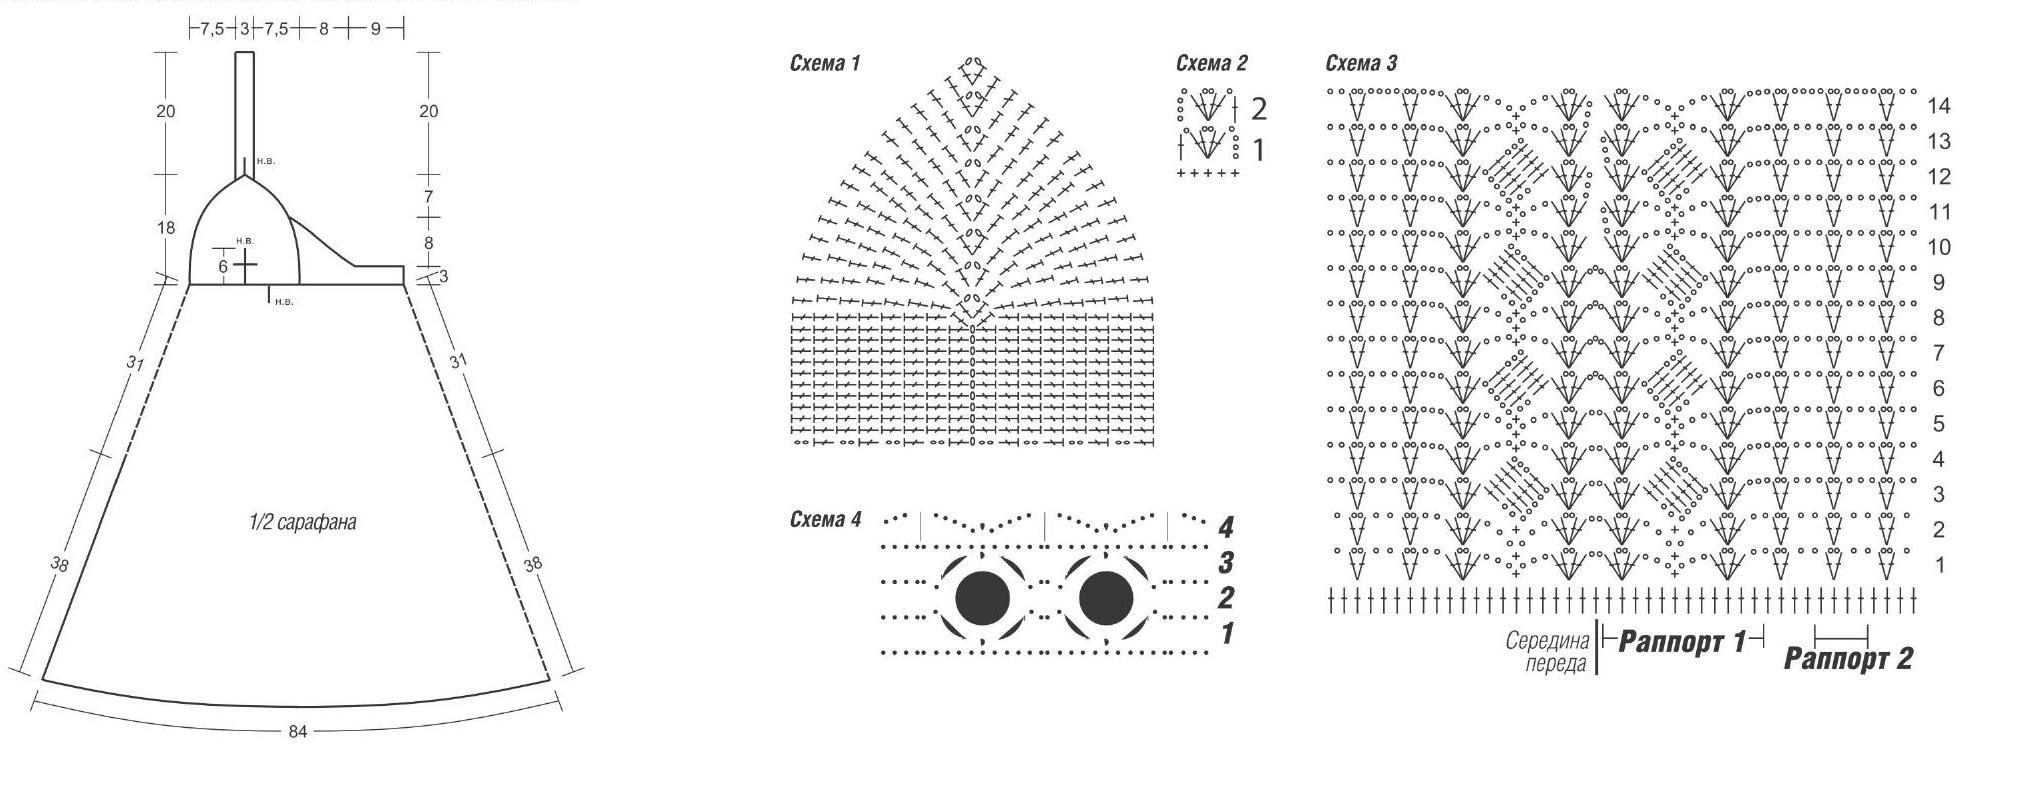 Сарафан схема вязания